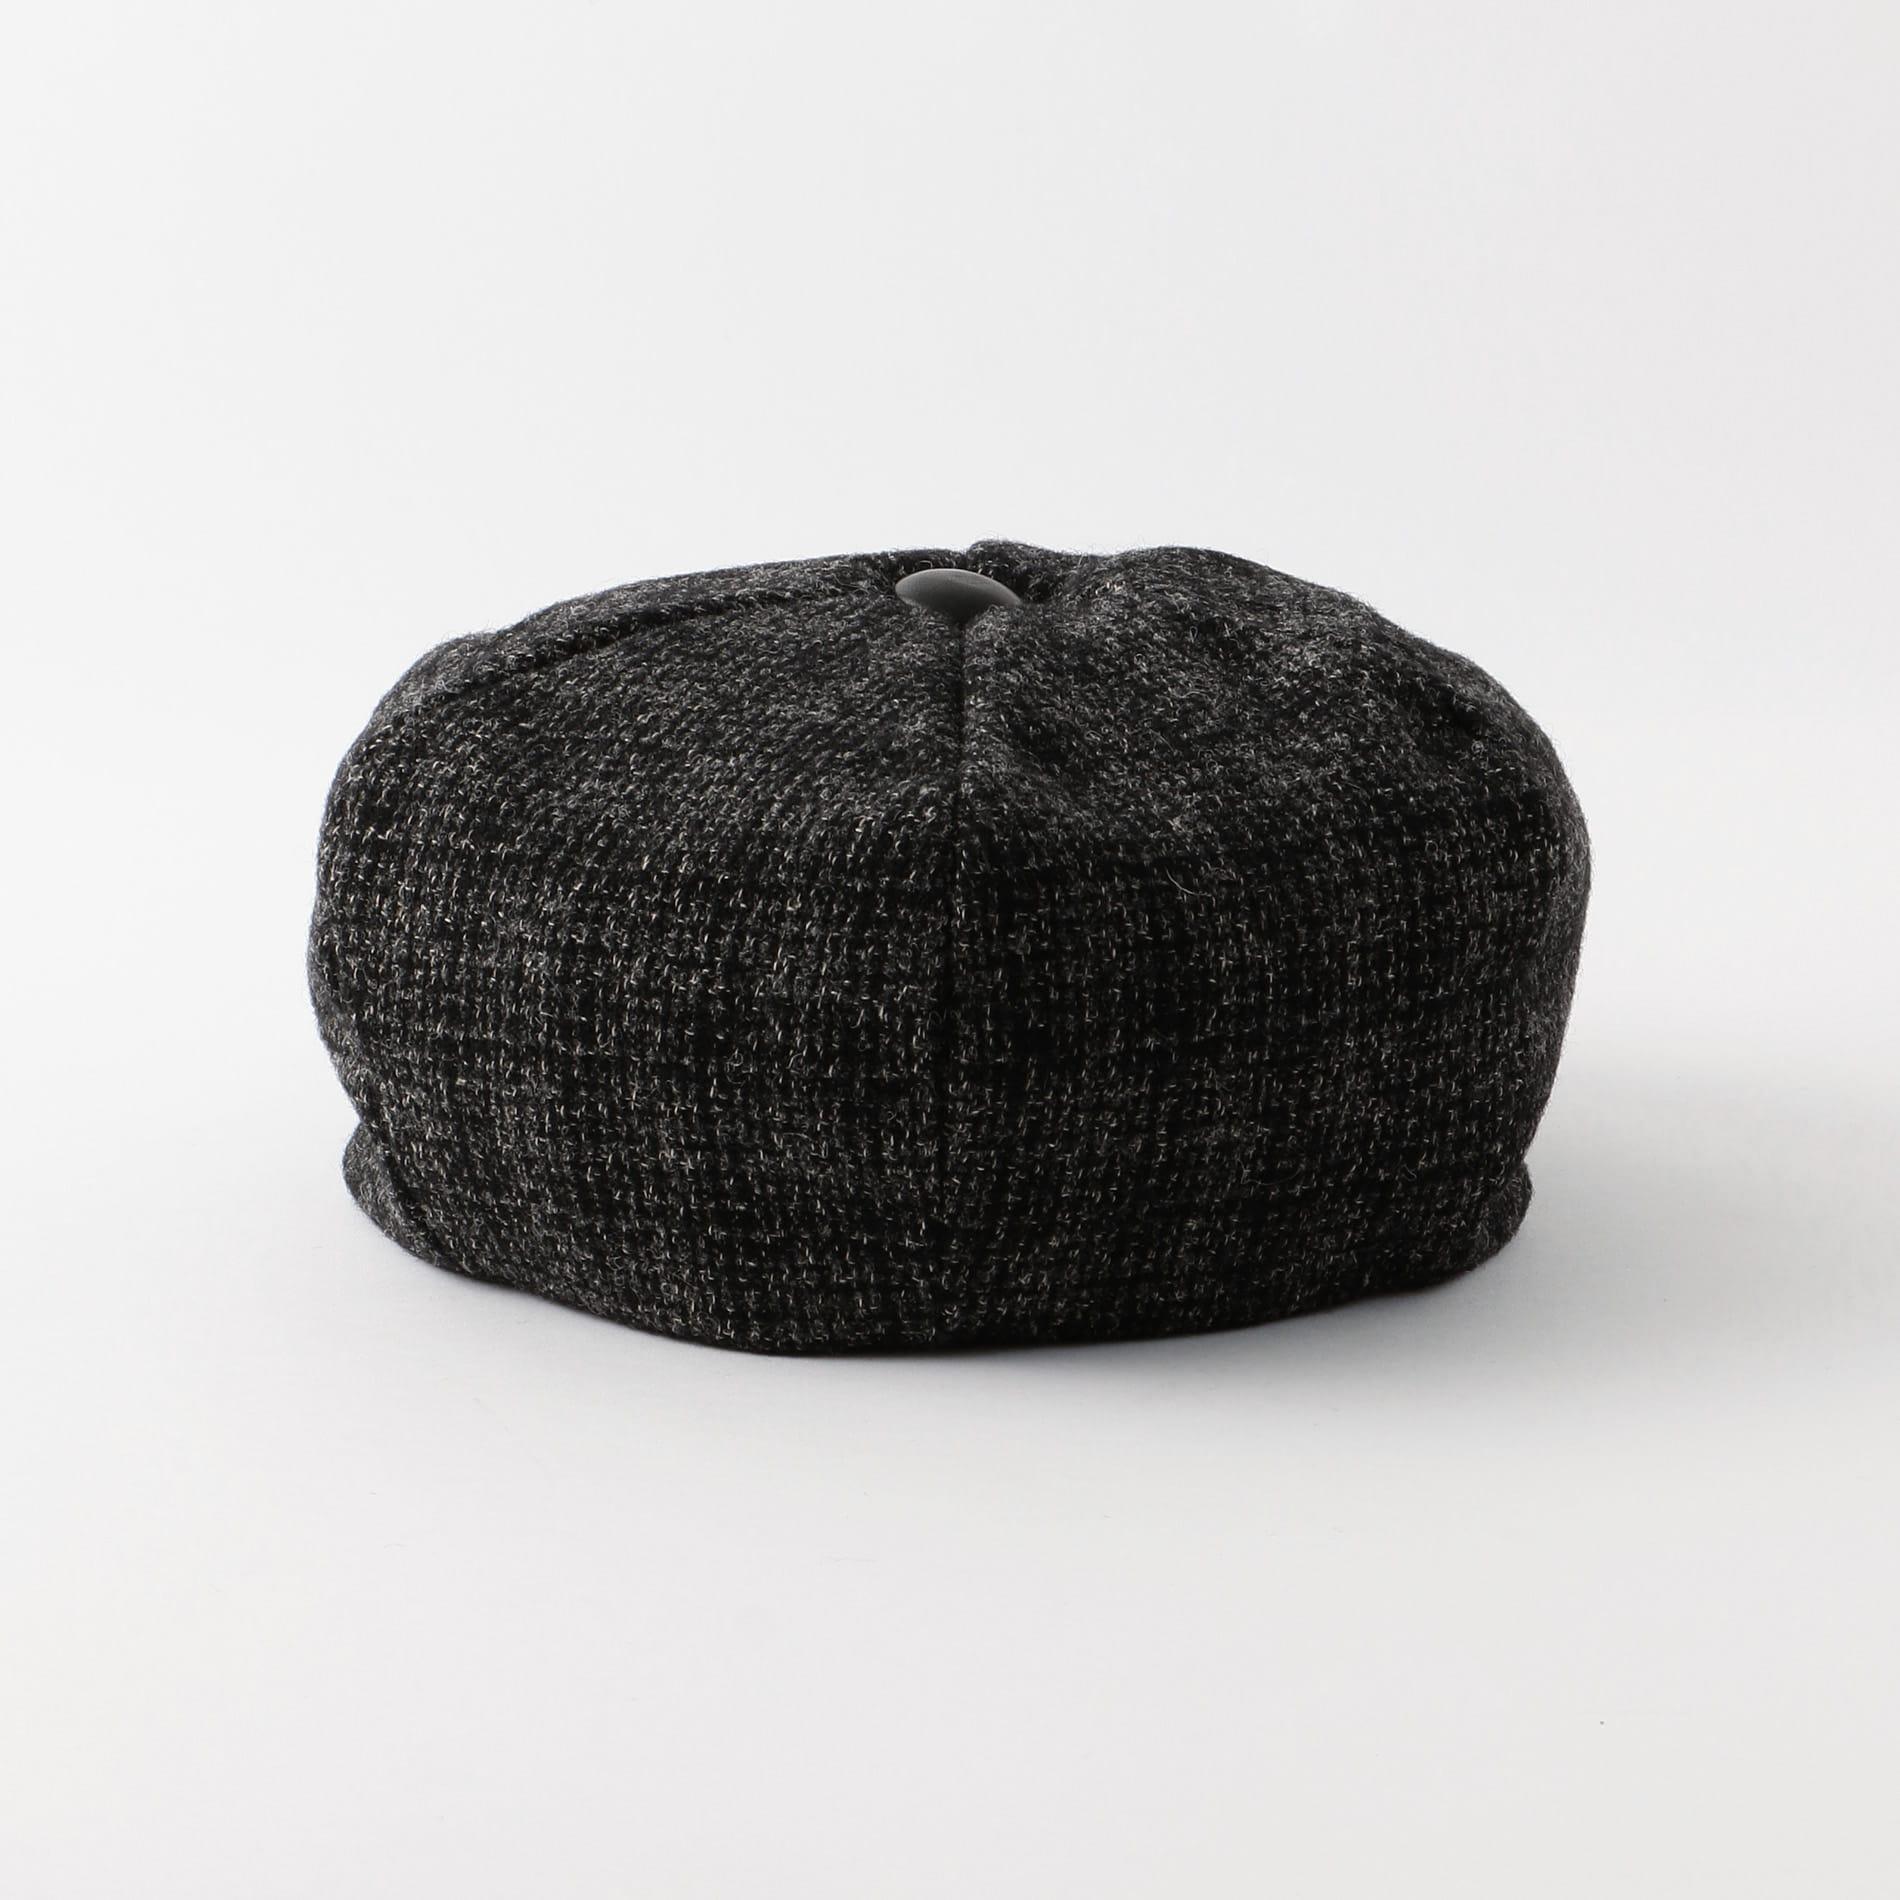 【Needles】MEN 帽子 Casquette - British Tweed HM044